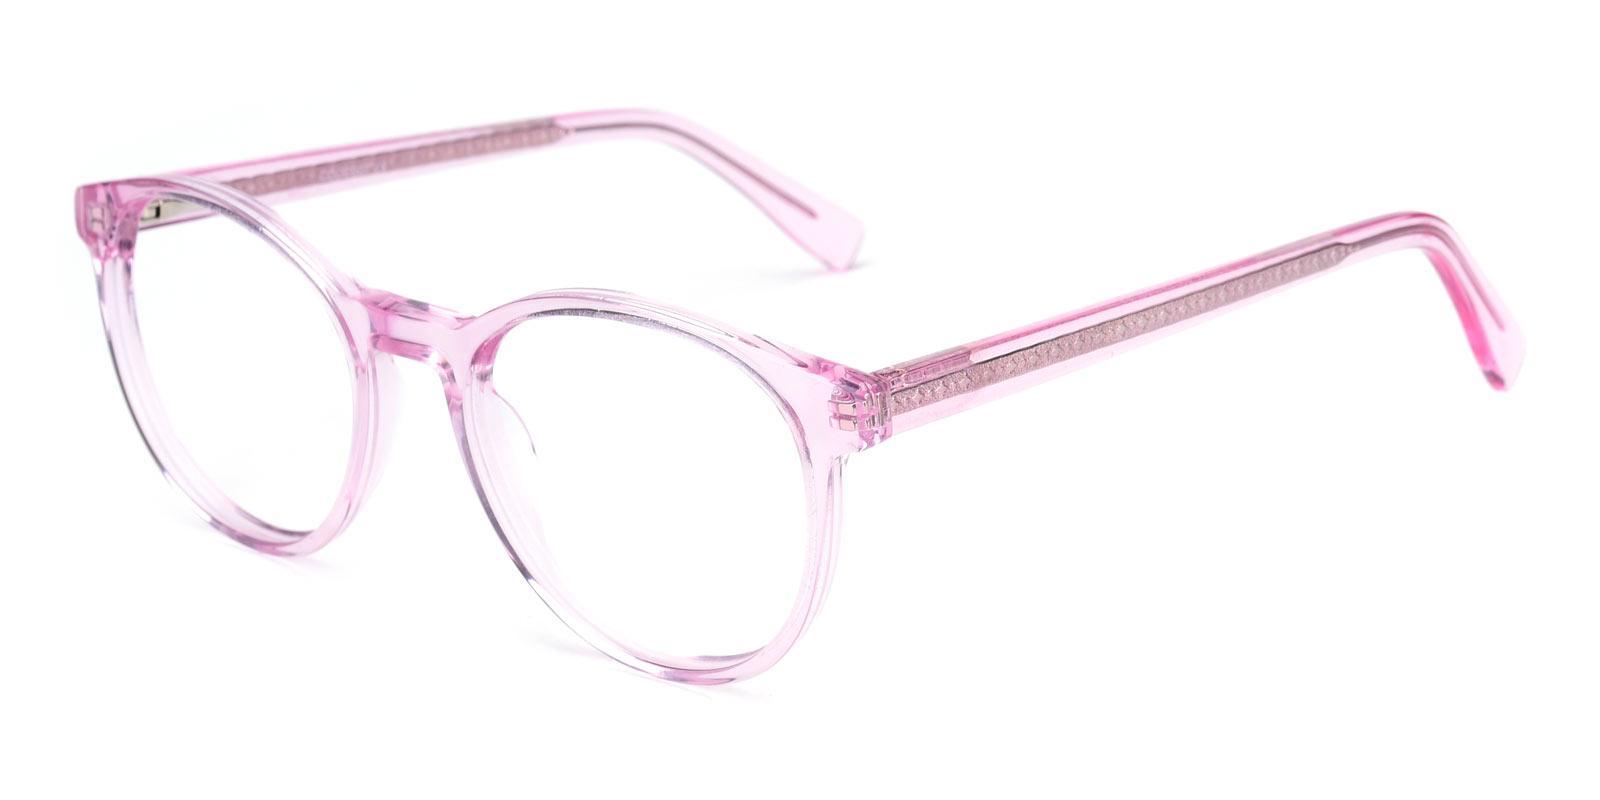 Cupid-Pink-Round-Acetate-Eyeglasses-detail